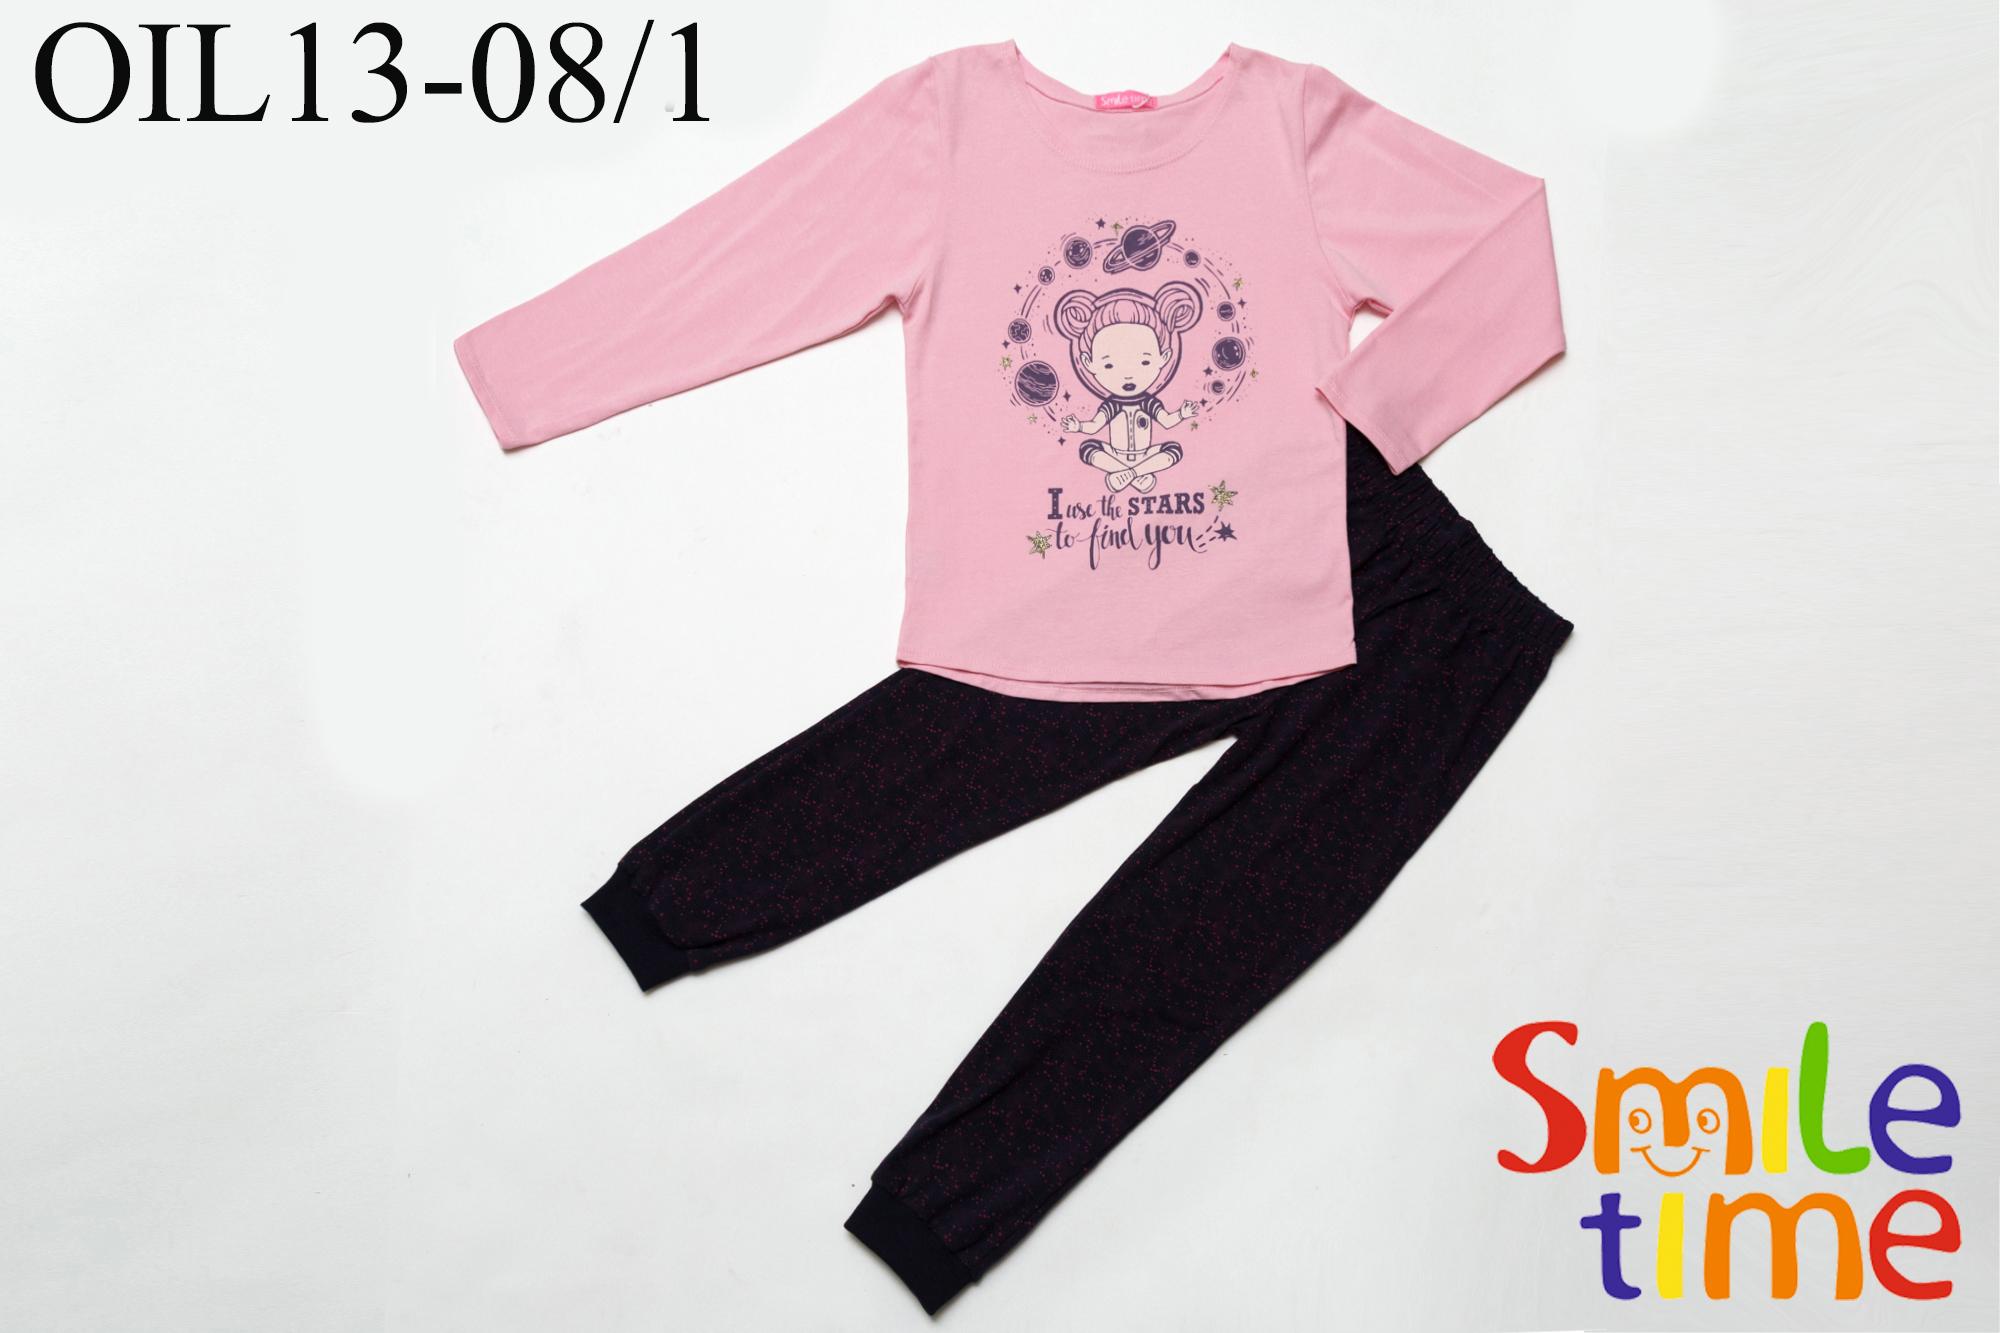 ПижамаSmileTimeдля девочки Cosmo Girl, светло-розовая(ПОДРОСТОК)